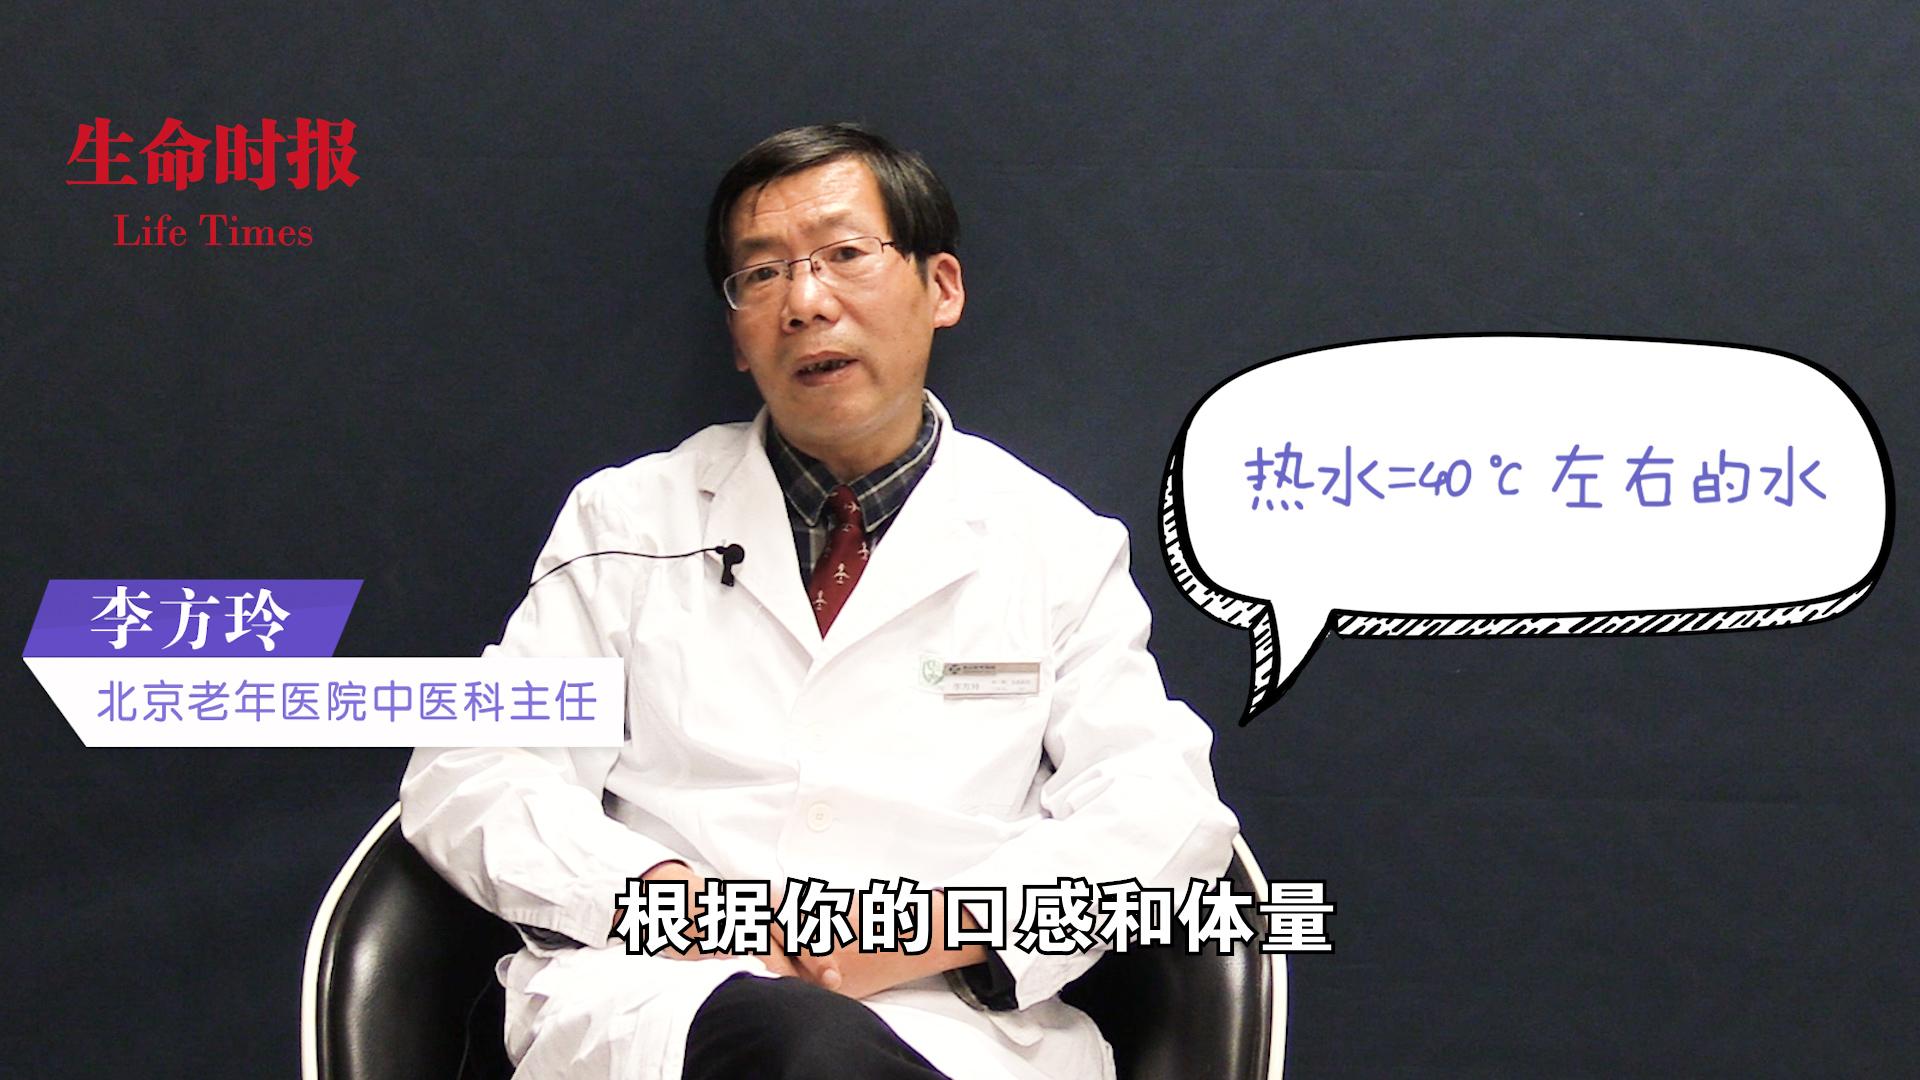 """【医问医答】中医说的""""多喝热水""""是指多少度?"""